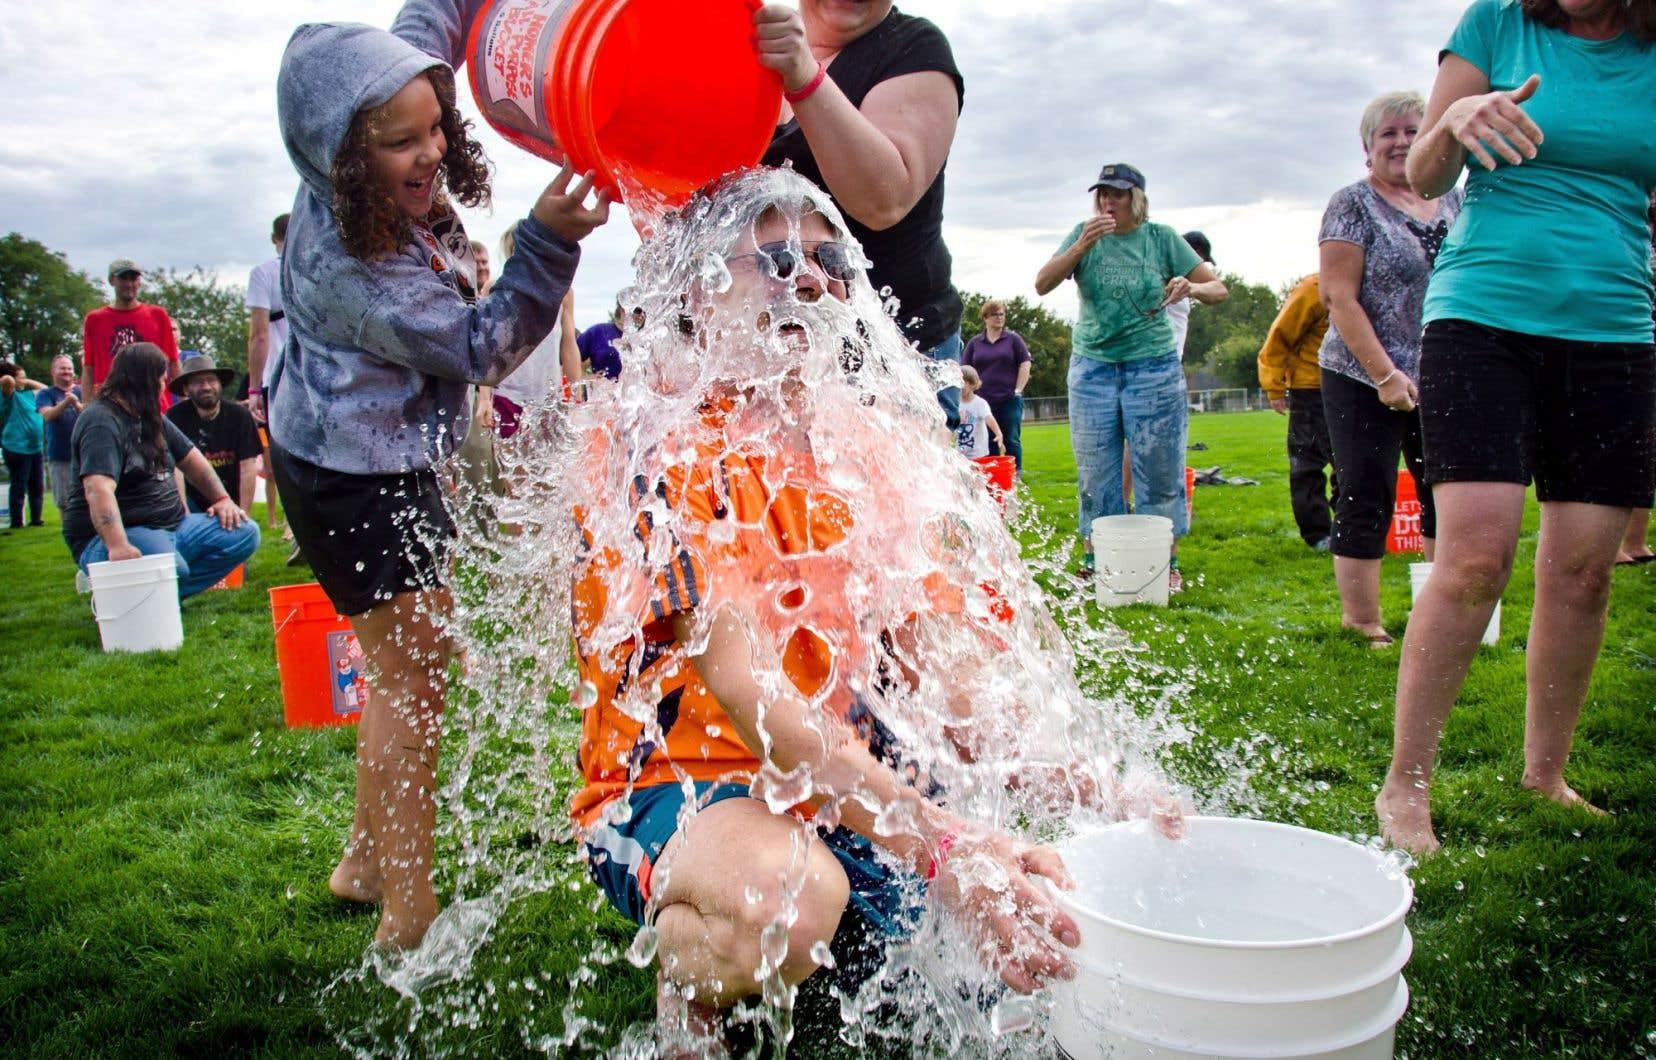 Le Ice Bucket Challenge avait pour but de collecter des dons pour la recherche sur la sclérose latérale amyotrophique.